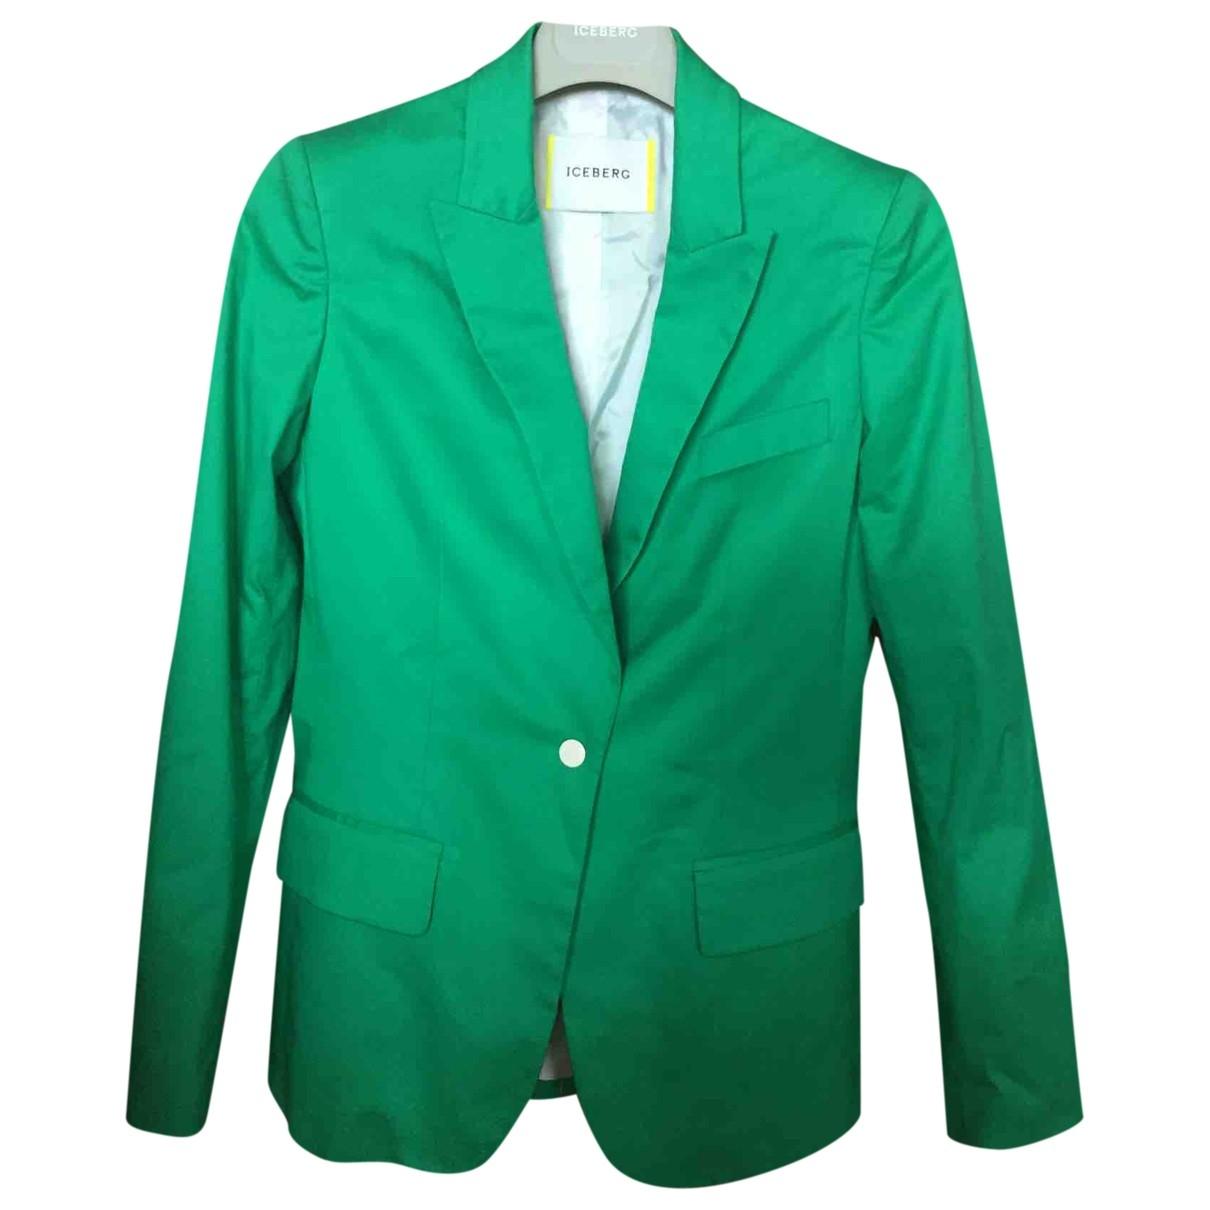 Iceberg \N Green jacket for Women 40 FR